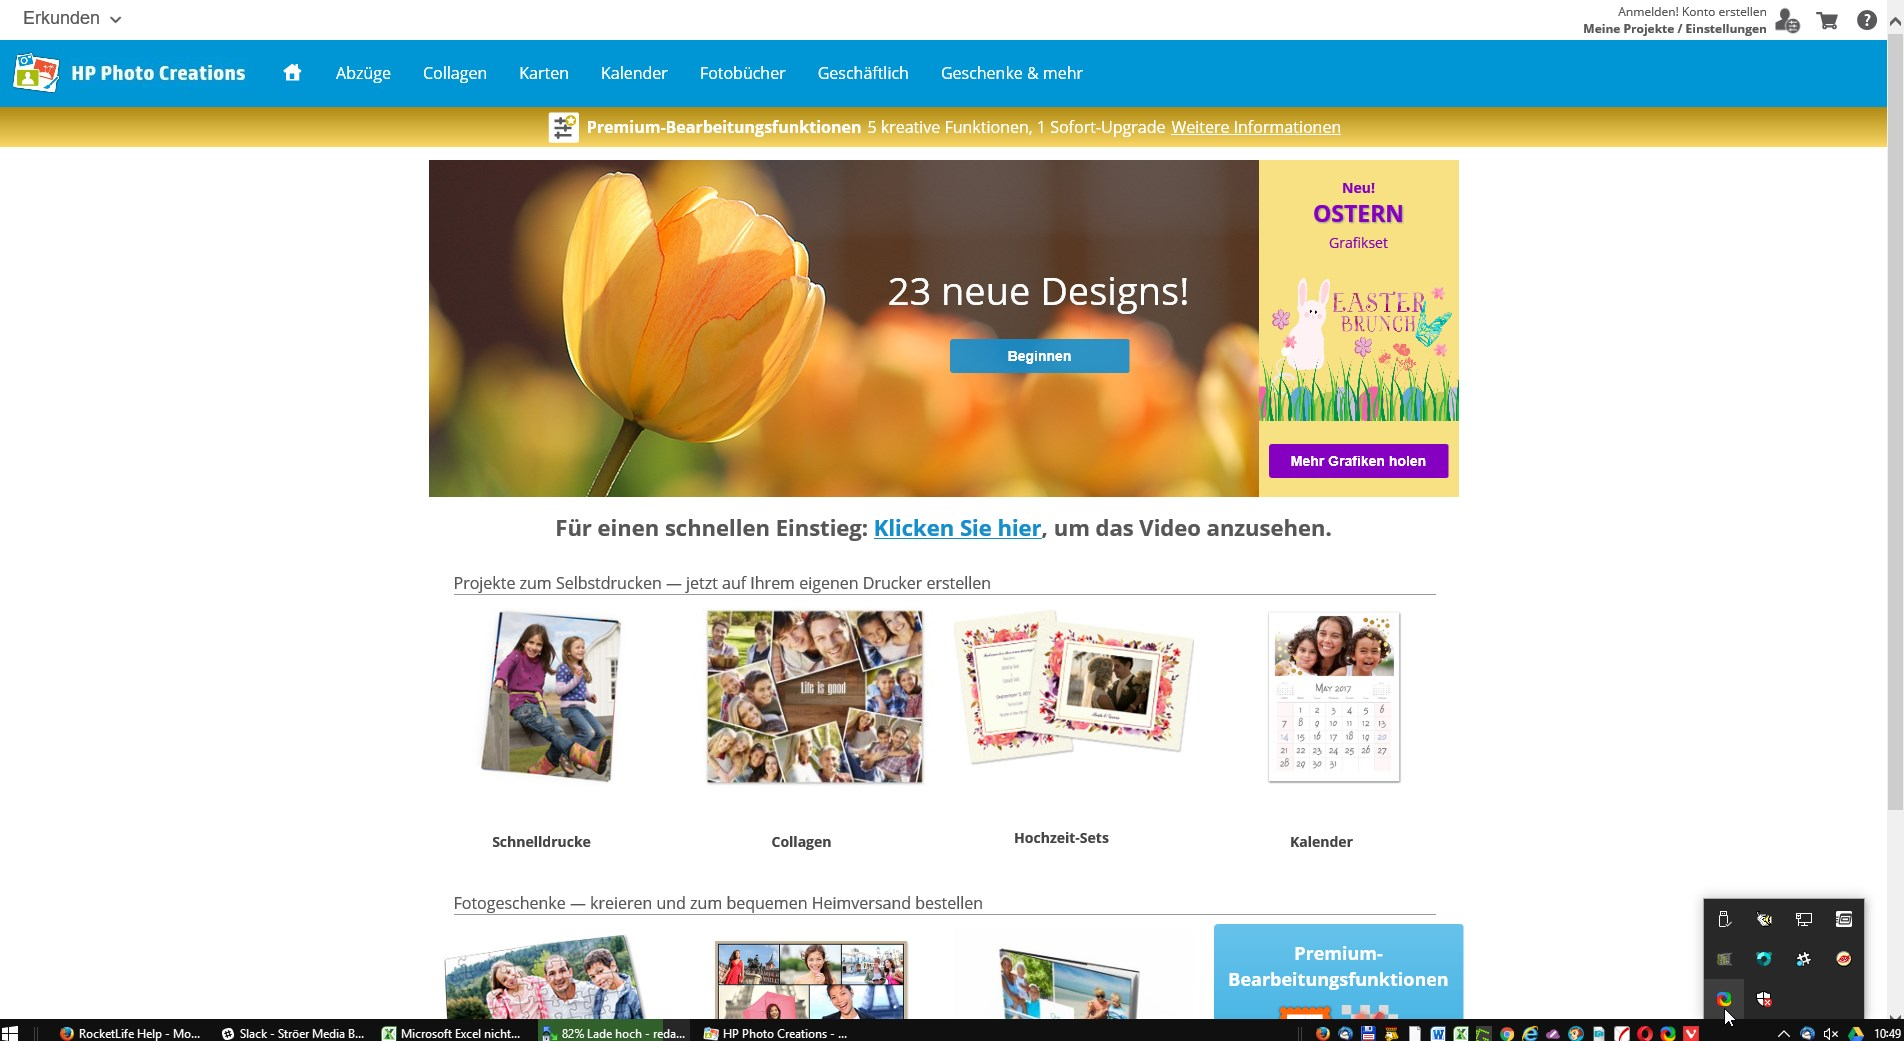 Fun Hp Photo Creations Download Kostenlos September 2018 Giga Hp Photo Creations Passport Photo Hp Photo Creations 64 Bit dpreview Hp Photo Creations